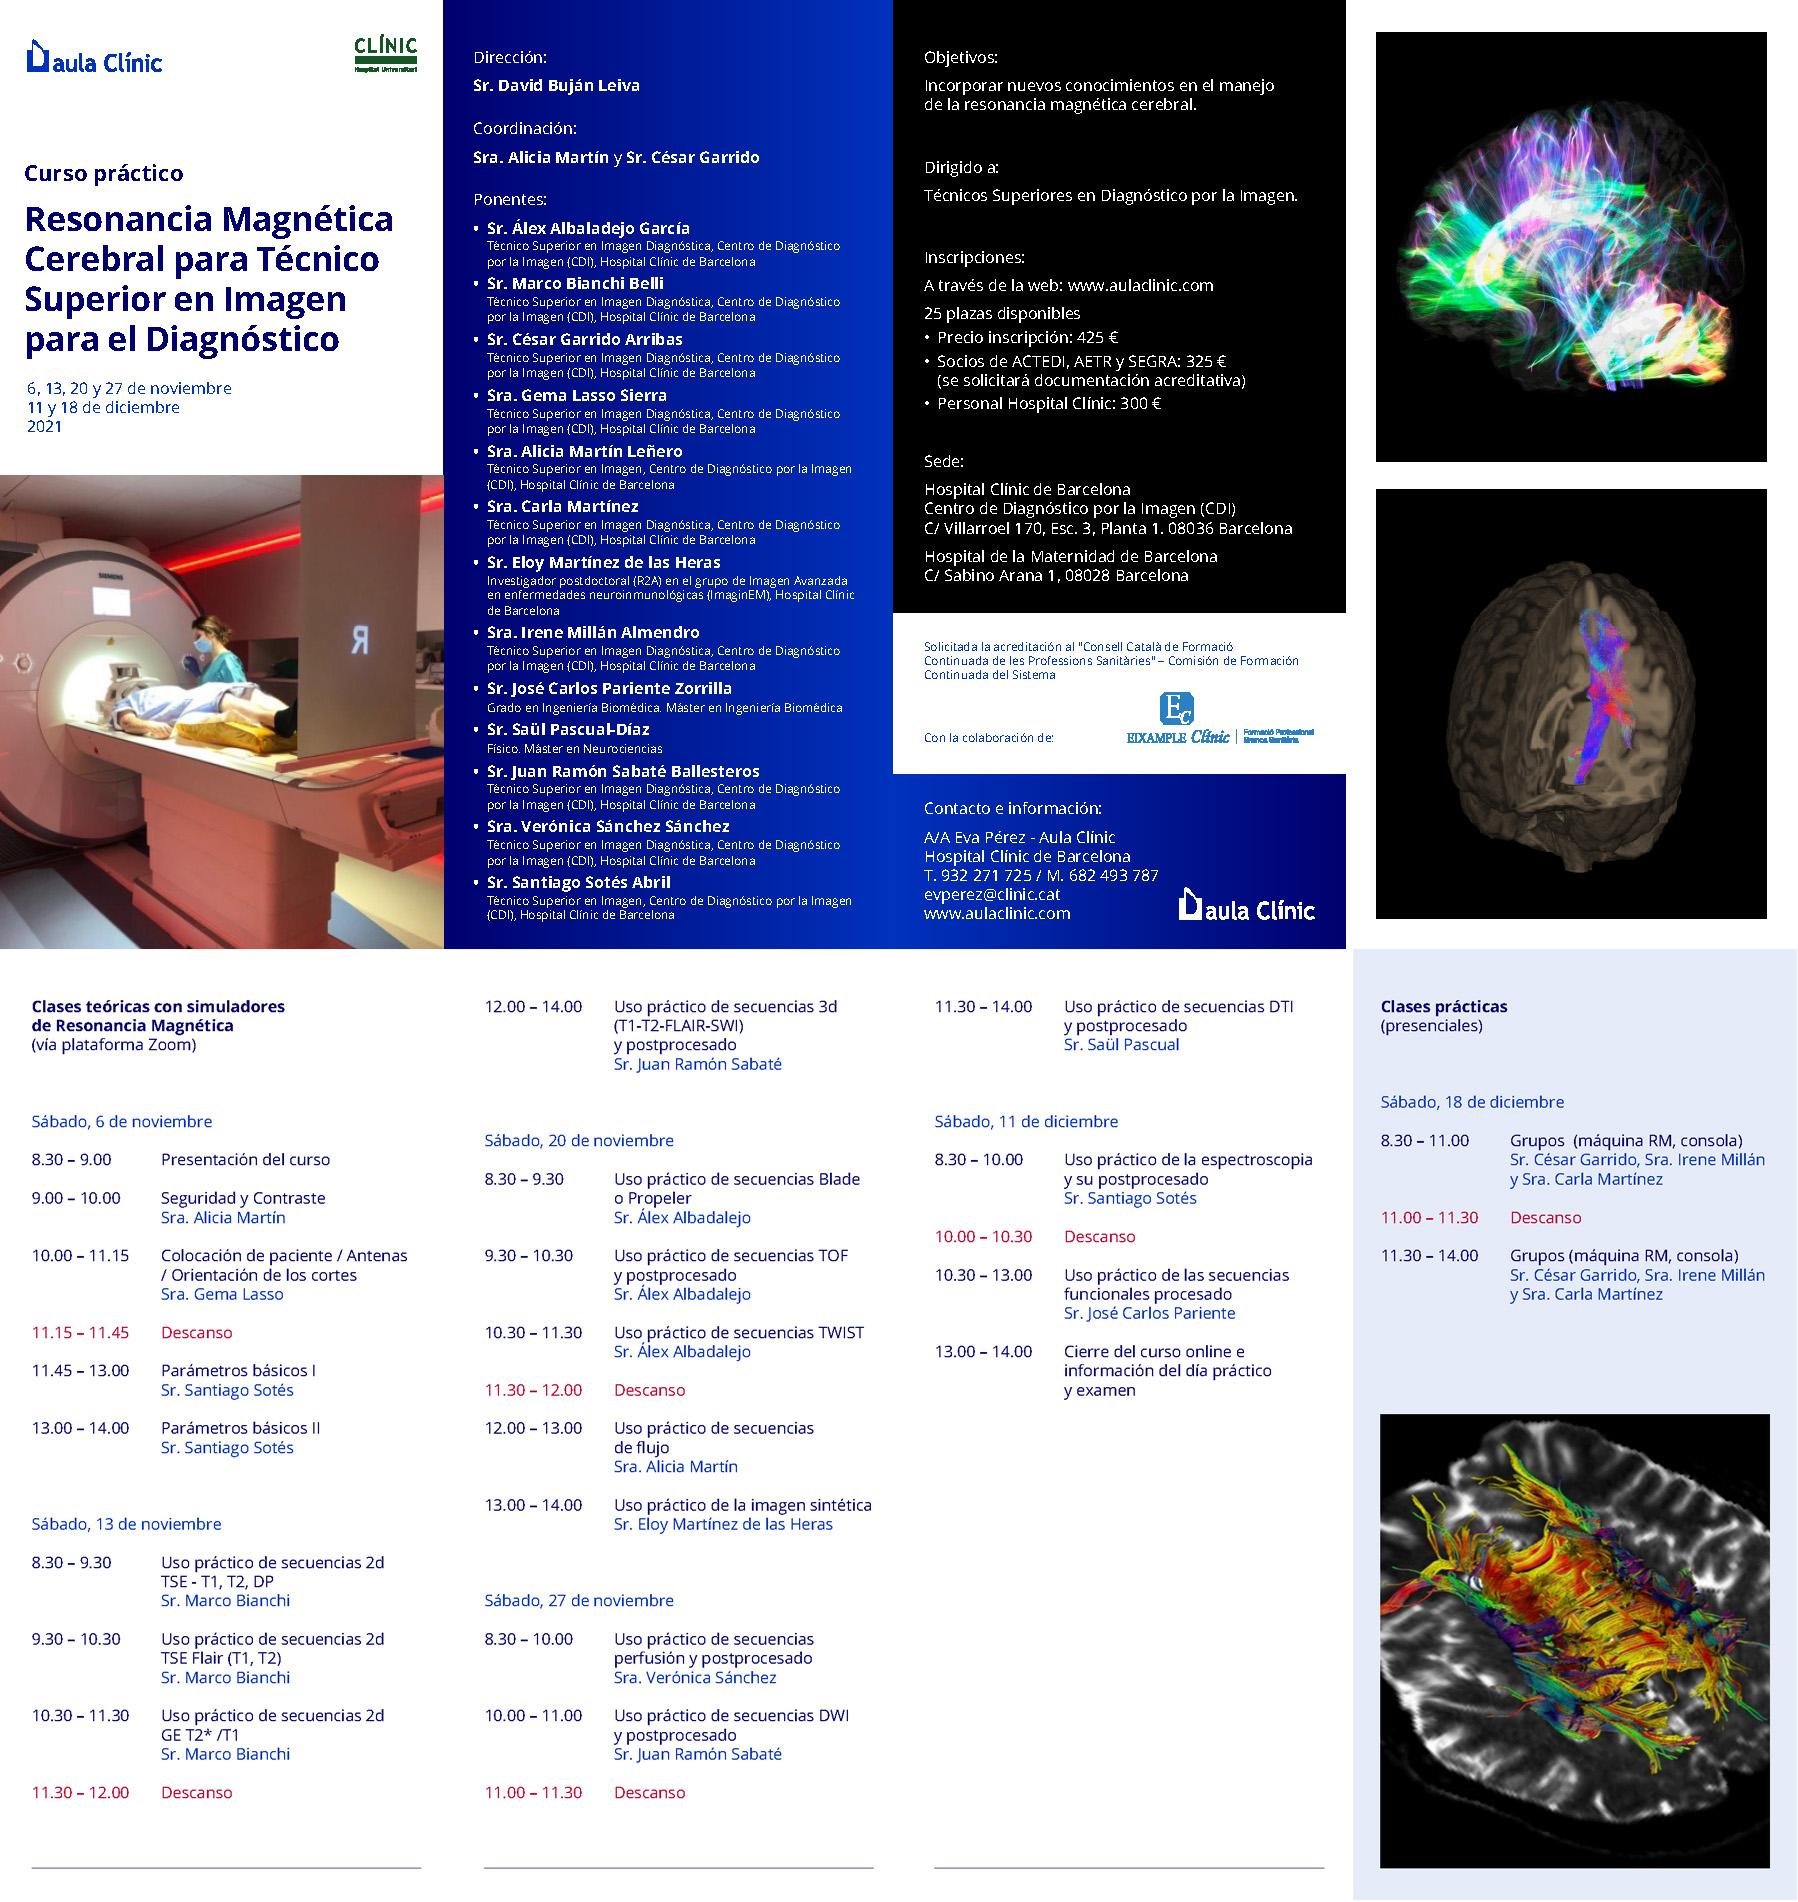 Hospital Clínic de Barcelona – Curso práctico de Resonancia Magnética Cerebral para TSID